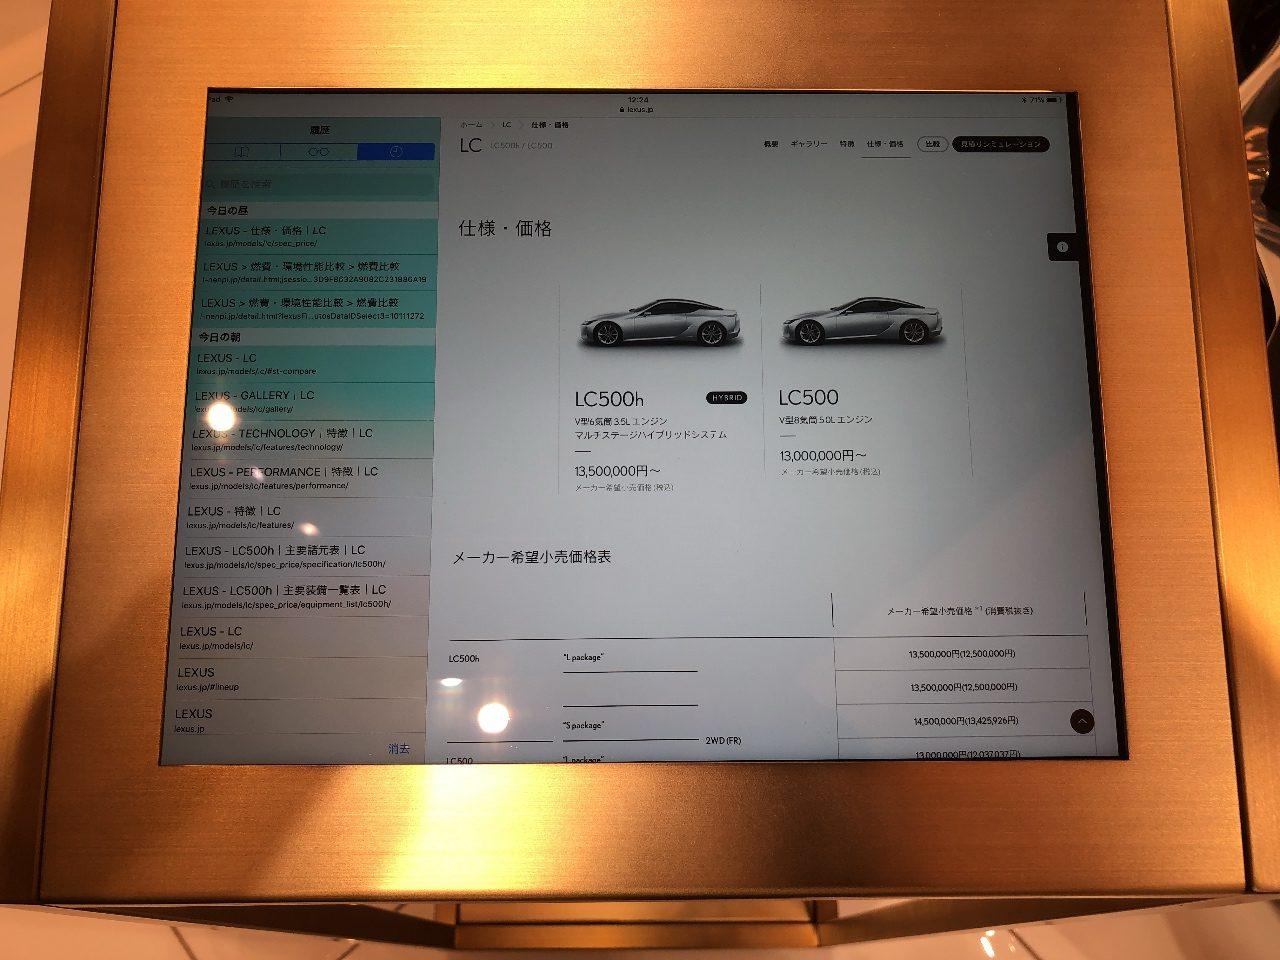 レクサス「LC500h」値段はなんと13,500,000万円